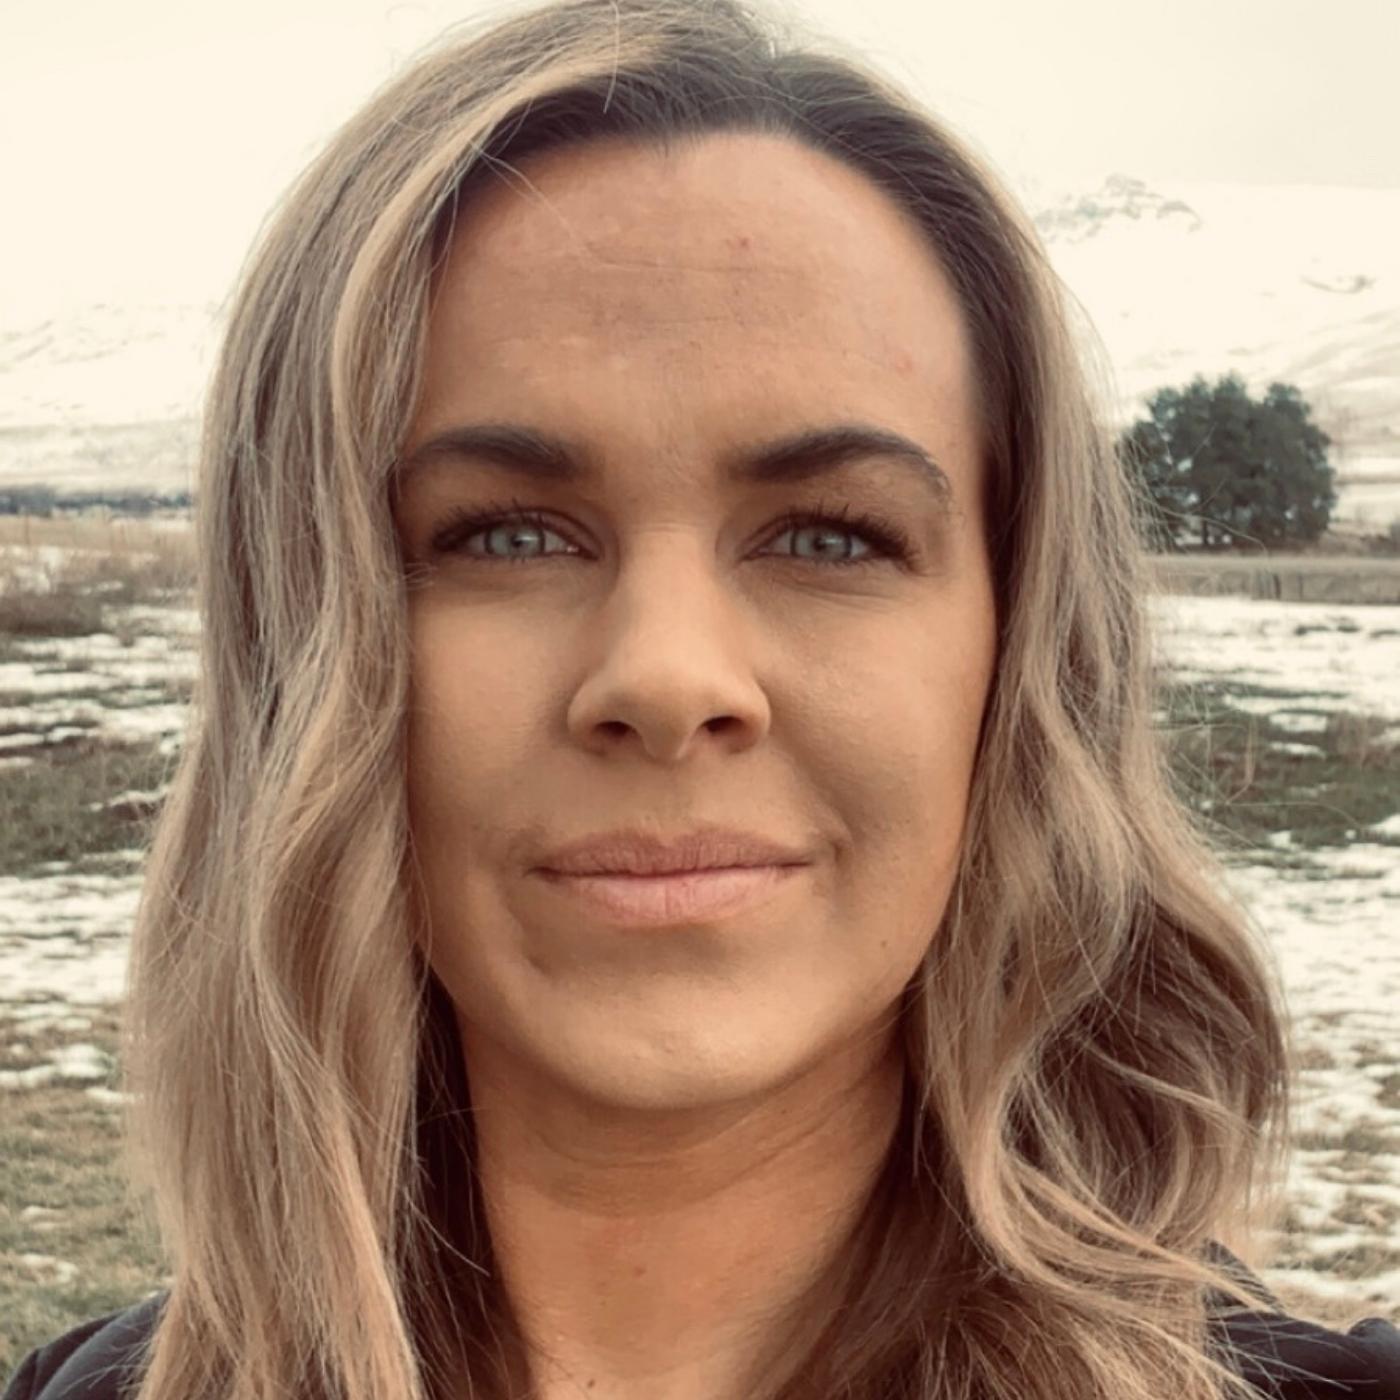 WREP Agent Kayla Massey